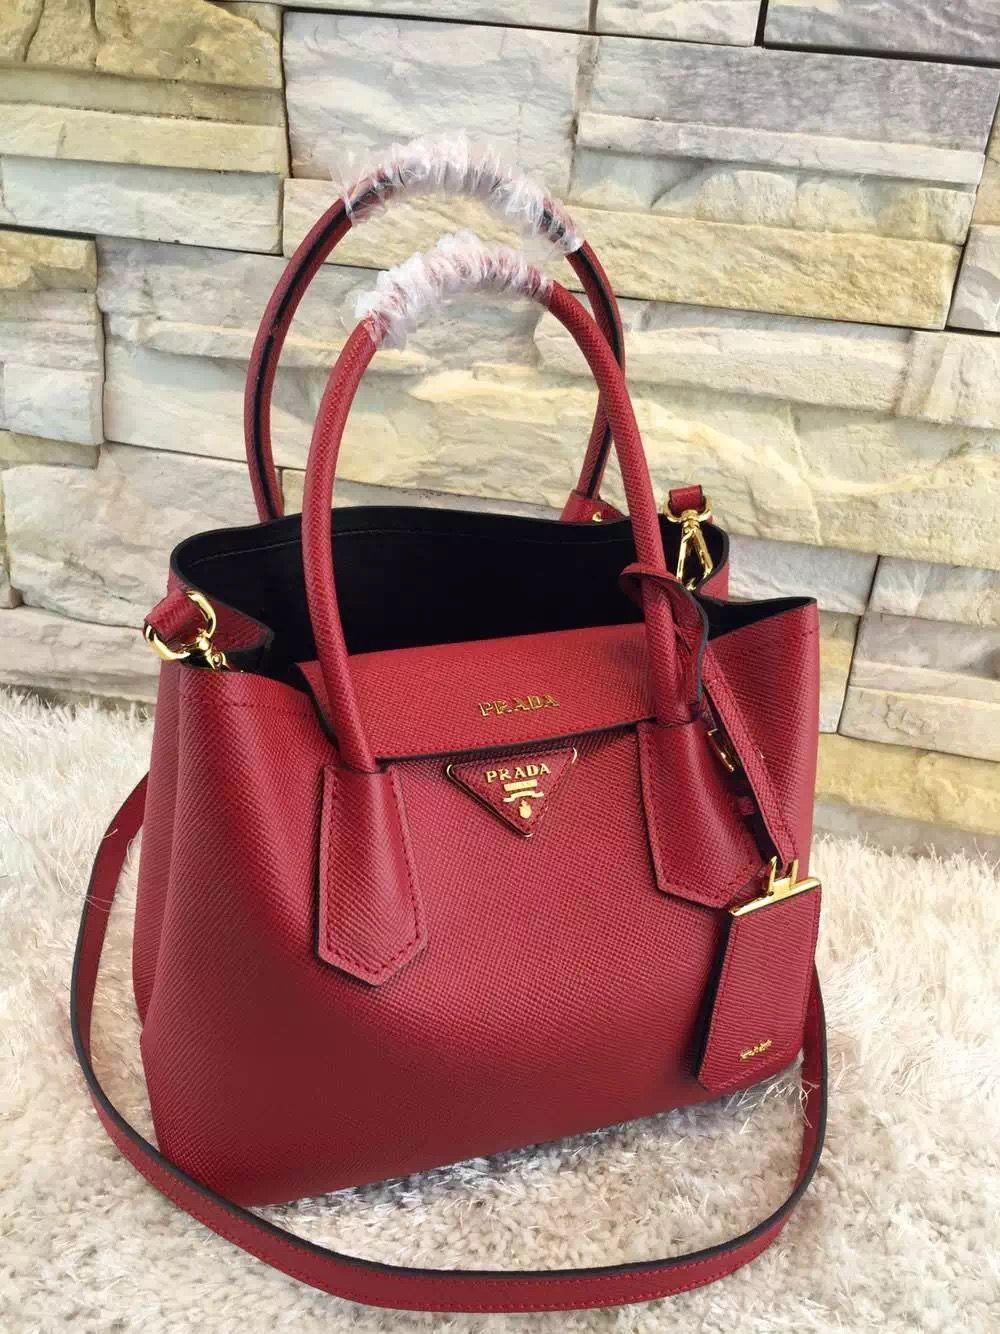 1998b786bc Prada Mini Saffiano Cuir Leather Tote Red 2015